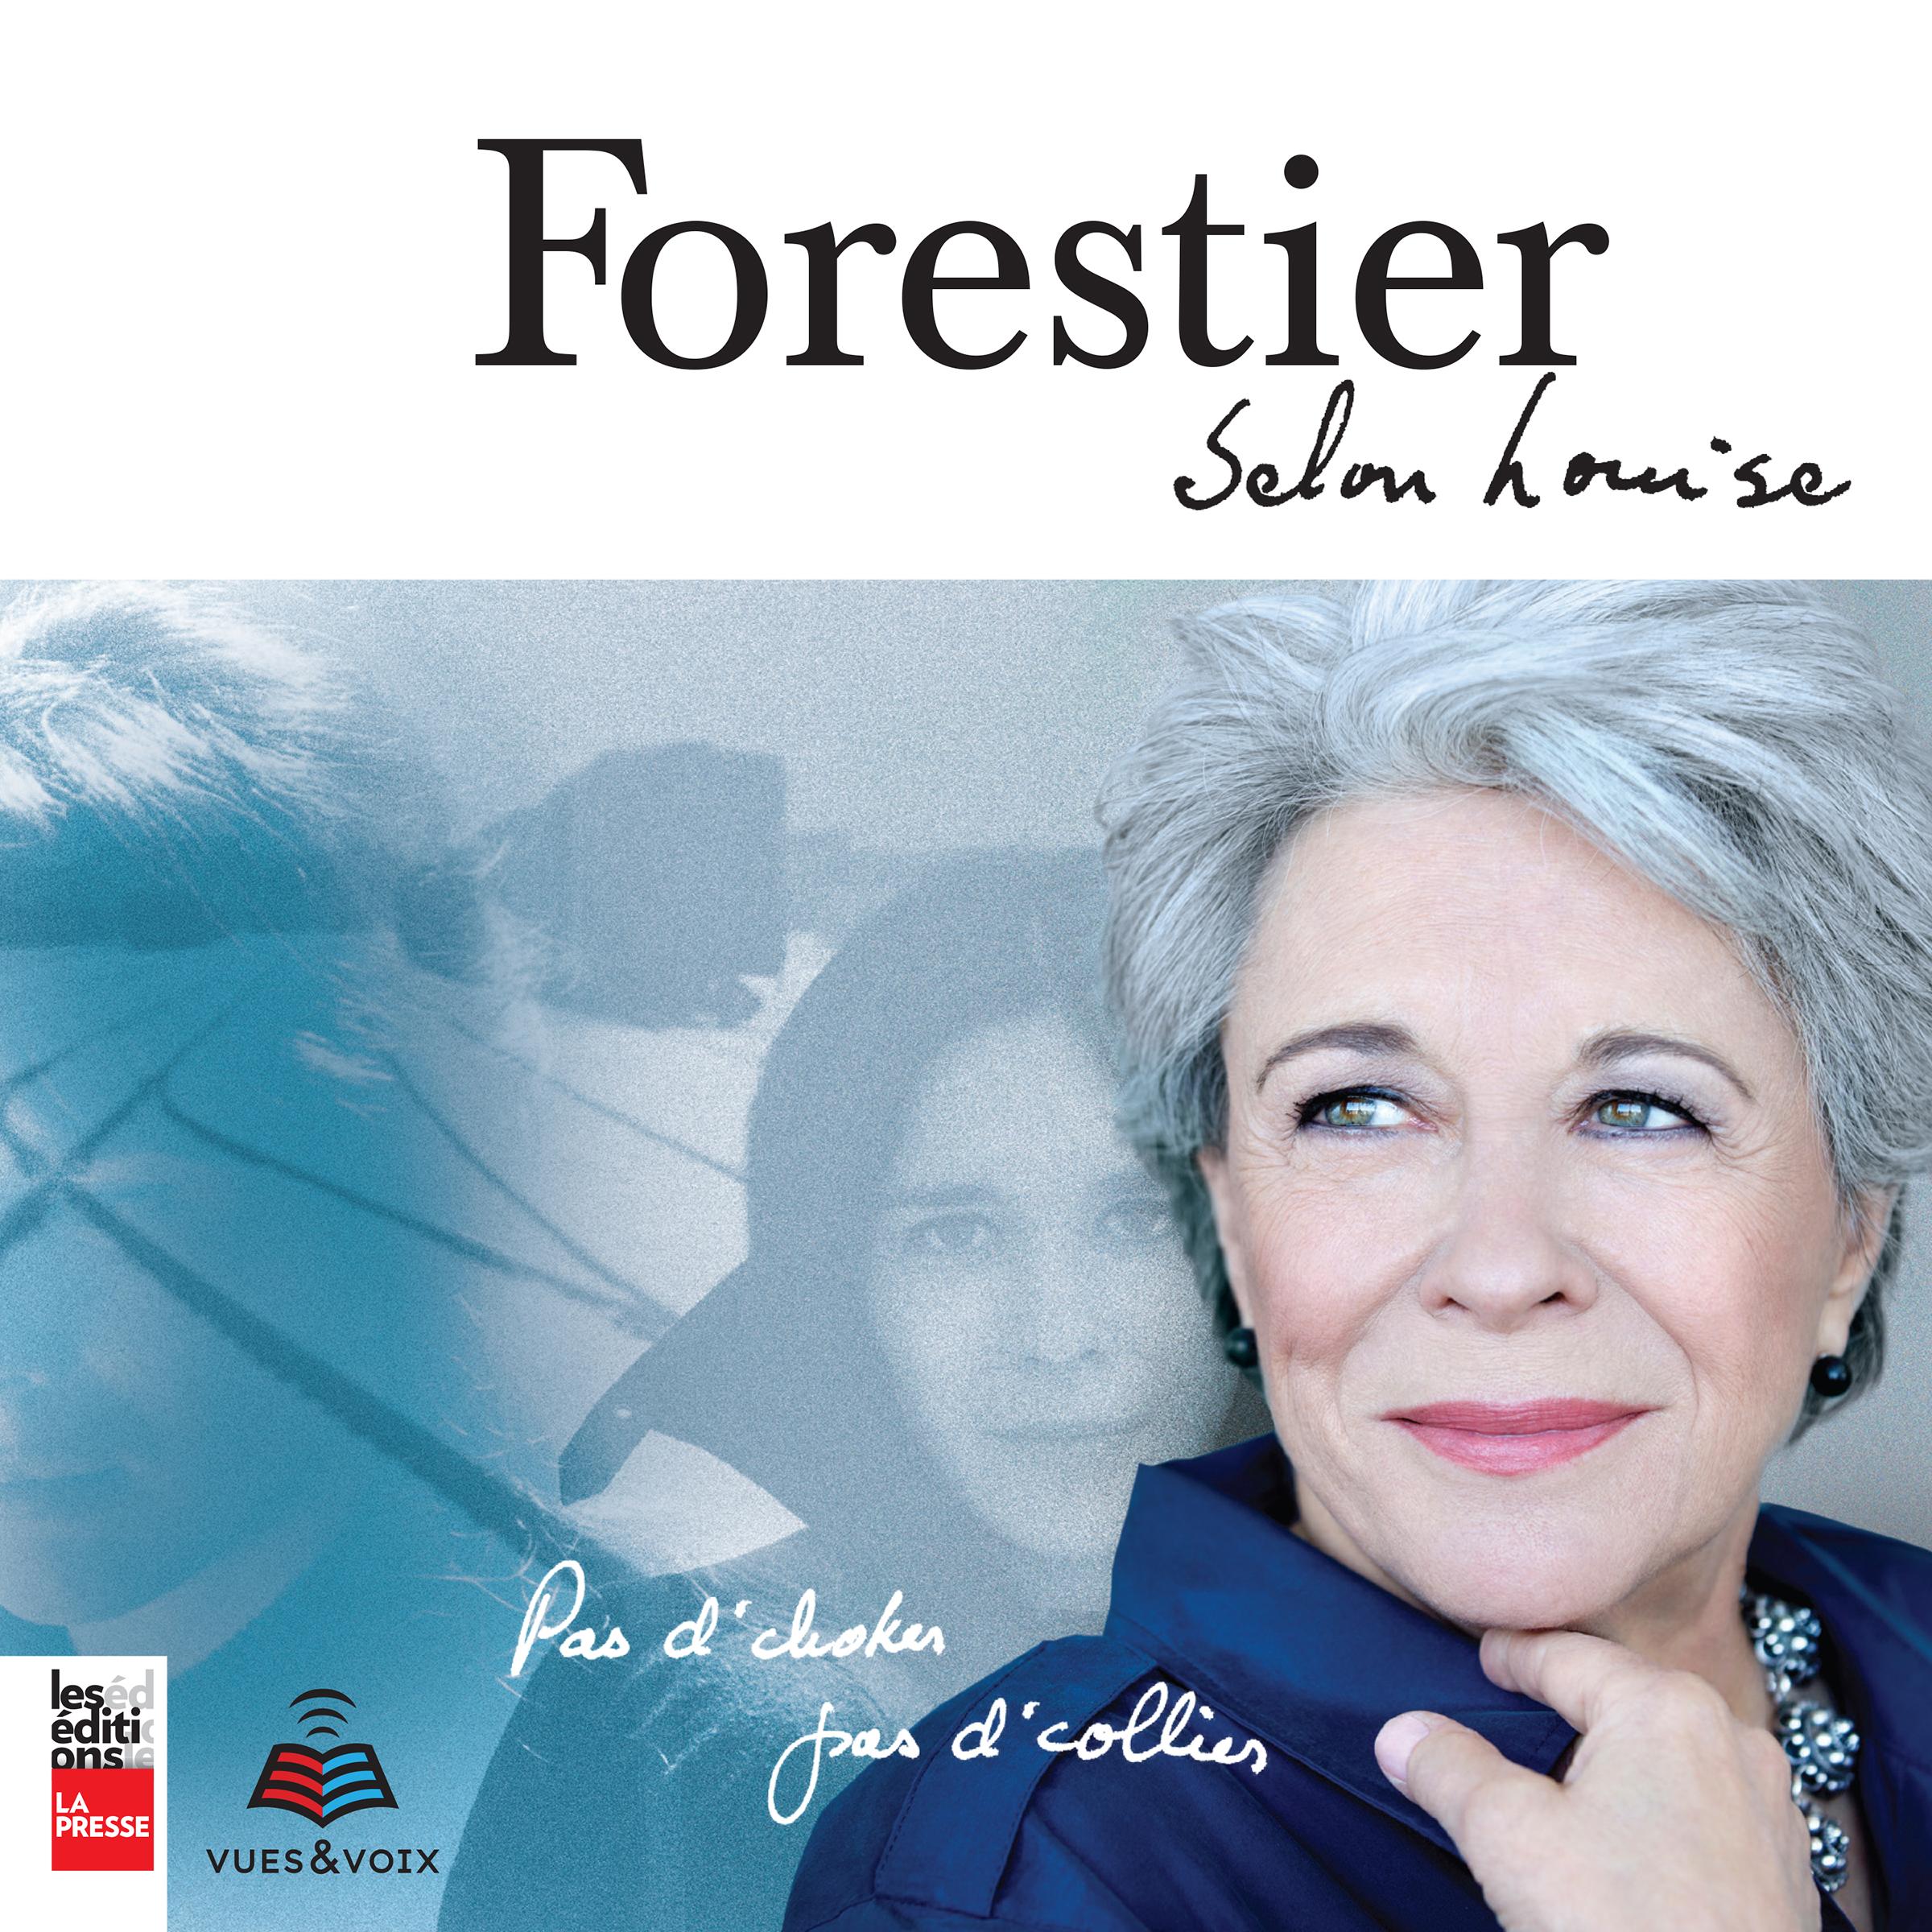 Forestier selon Louise